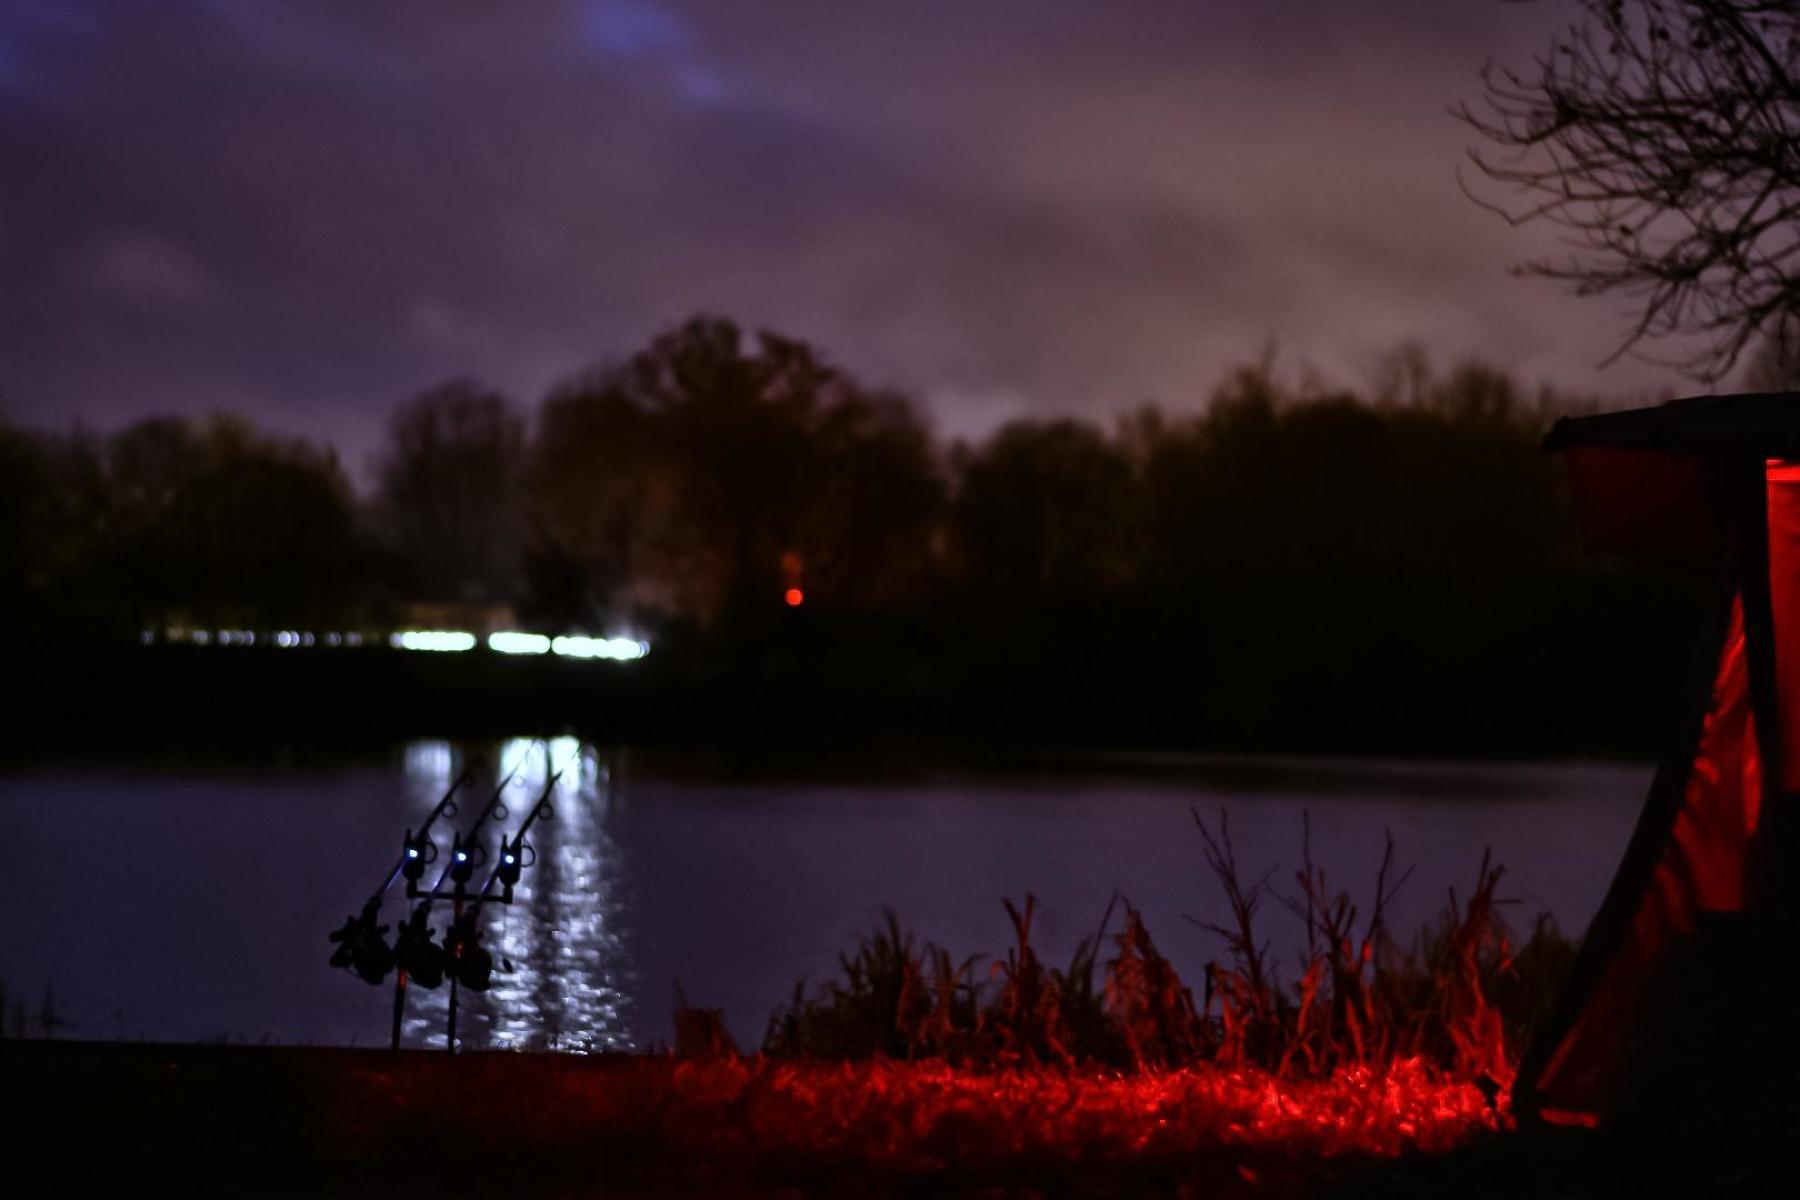 NIGHT-LIGHTS! 15 second exposure f1.8 50mm